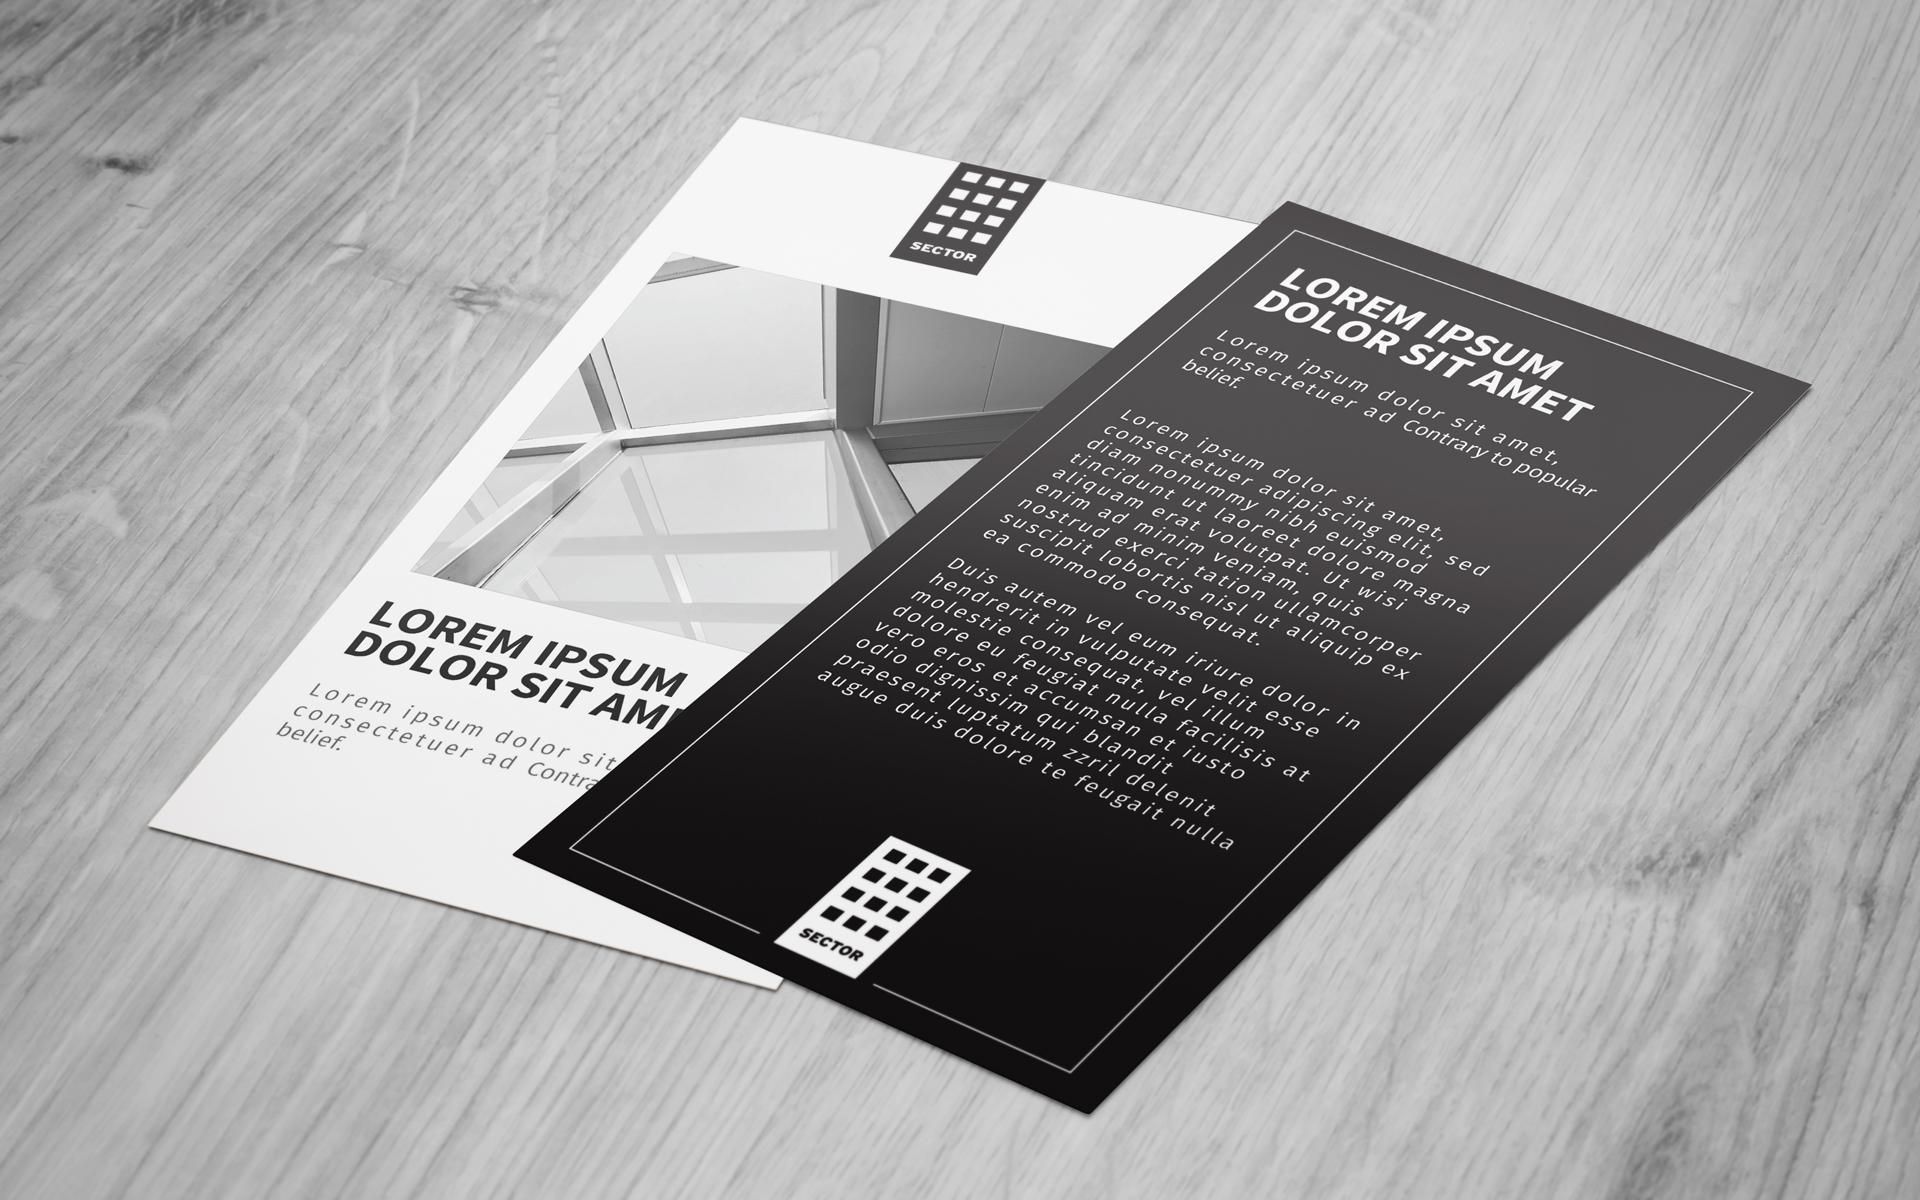 Brandit | Sector - ლოგოს დიზაინი, ლოგოს დამზადება, ლოგოს დიზაინი, ლოგოების შექმნა, ლოგოების დამზადება, ლოგოს დამზადების ფასი, ბრენდინგი, ბანერების დამზადება, ლოგოტიპის შექმნა, ლოგოტიპების დიზაინი, ოპტიმიზაცია, facebook დიზაინი, ვებგვერდის დიზაინი, ლოგოების დიზაინი, ლოგოტიპების დამზადება, saitebis damzadena, logoebis damzadeba, saitis damzadeba, logos damzadeba,